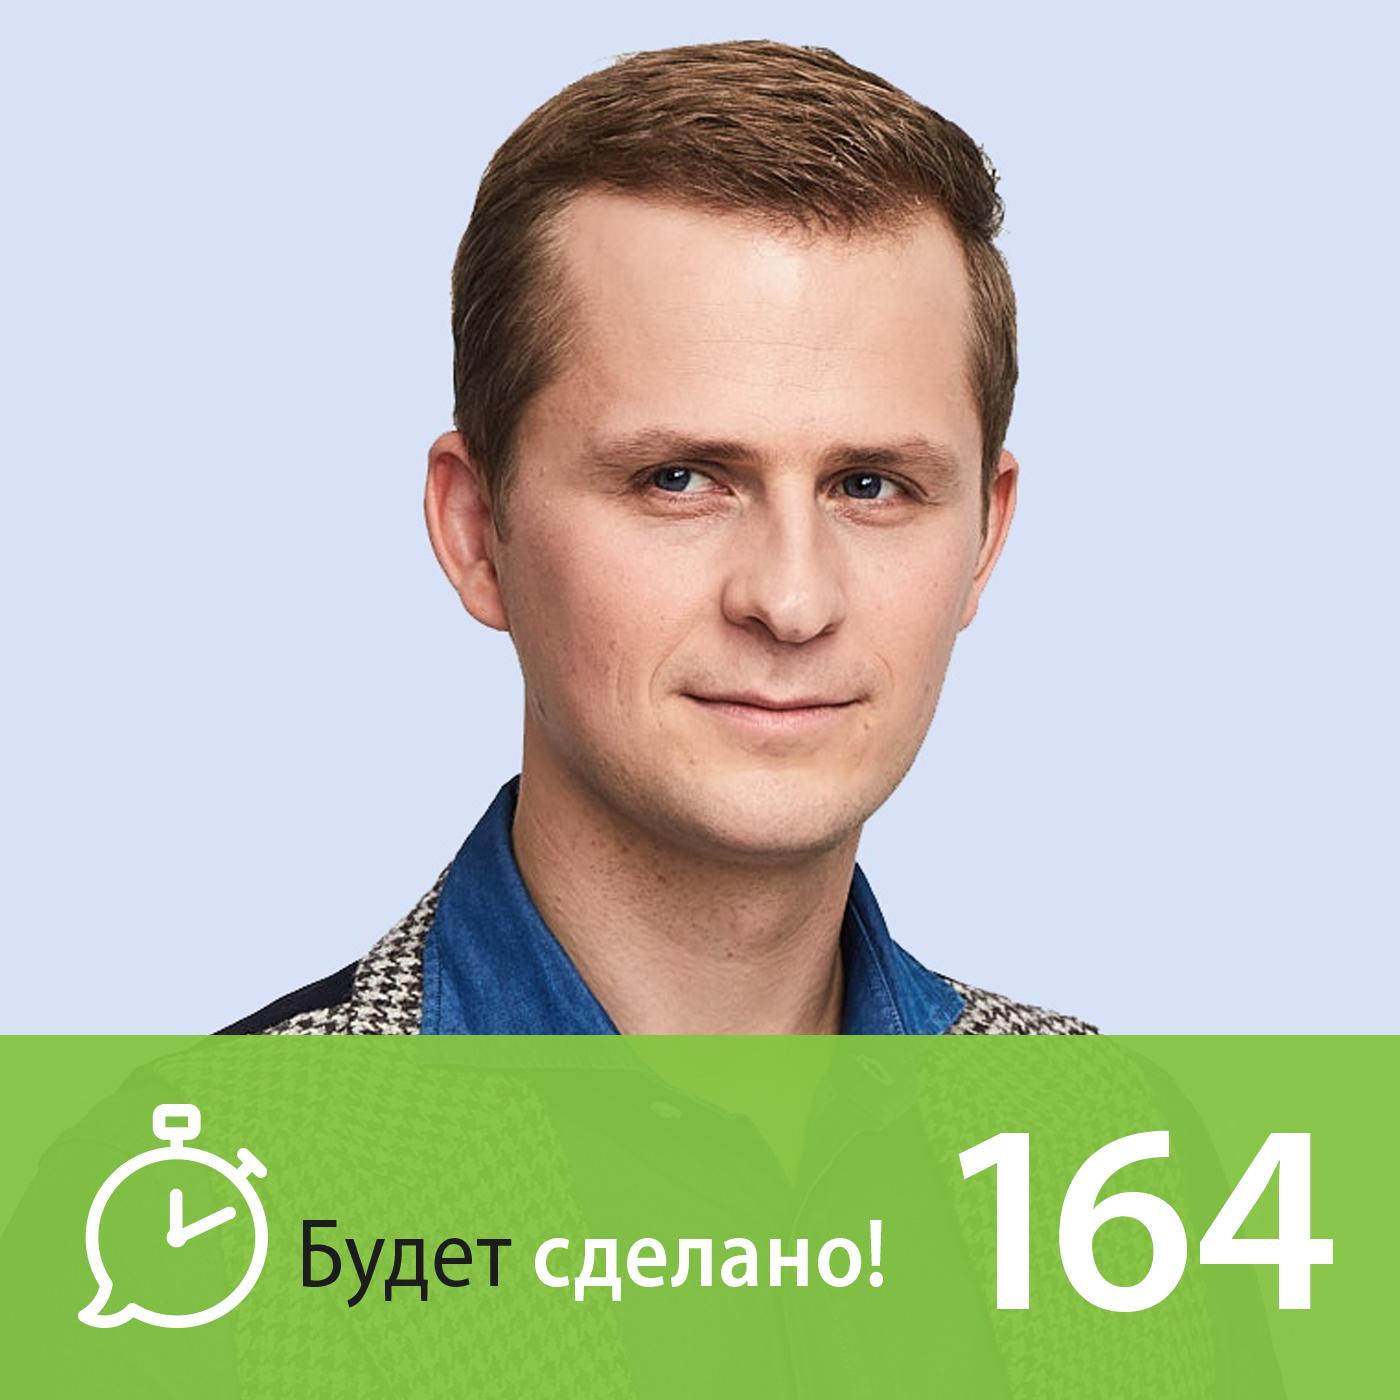 БС164 Евгений Ходченков: Что ты себе позволяешь?